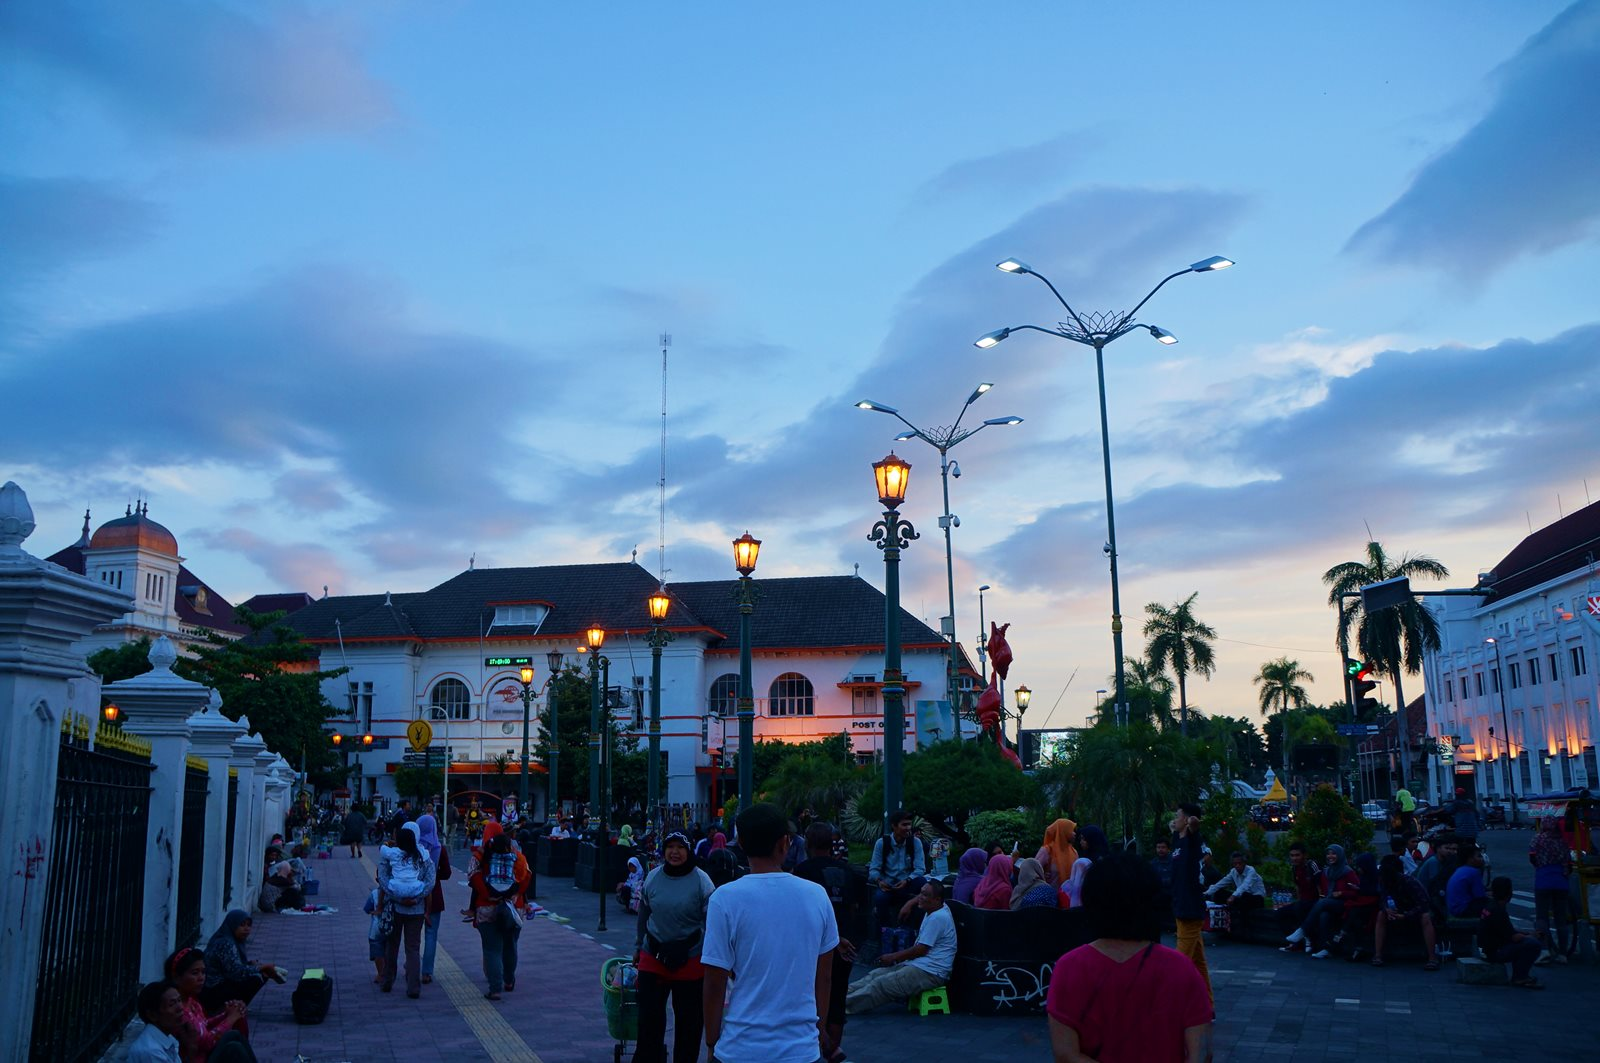 Tempat-Belanja-Asik-Di-Yogyakarta-Untuk-Para-Shoppaholic.jpg